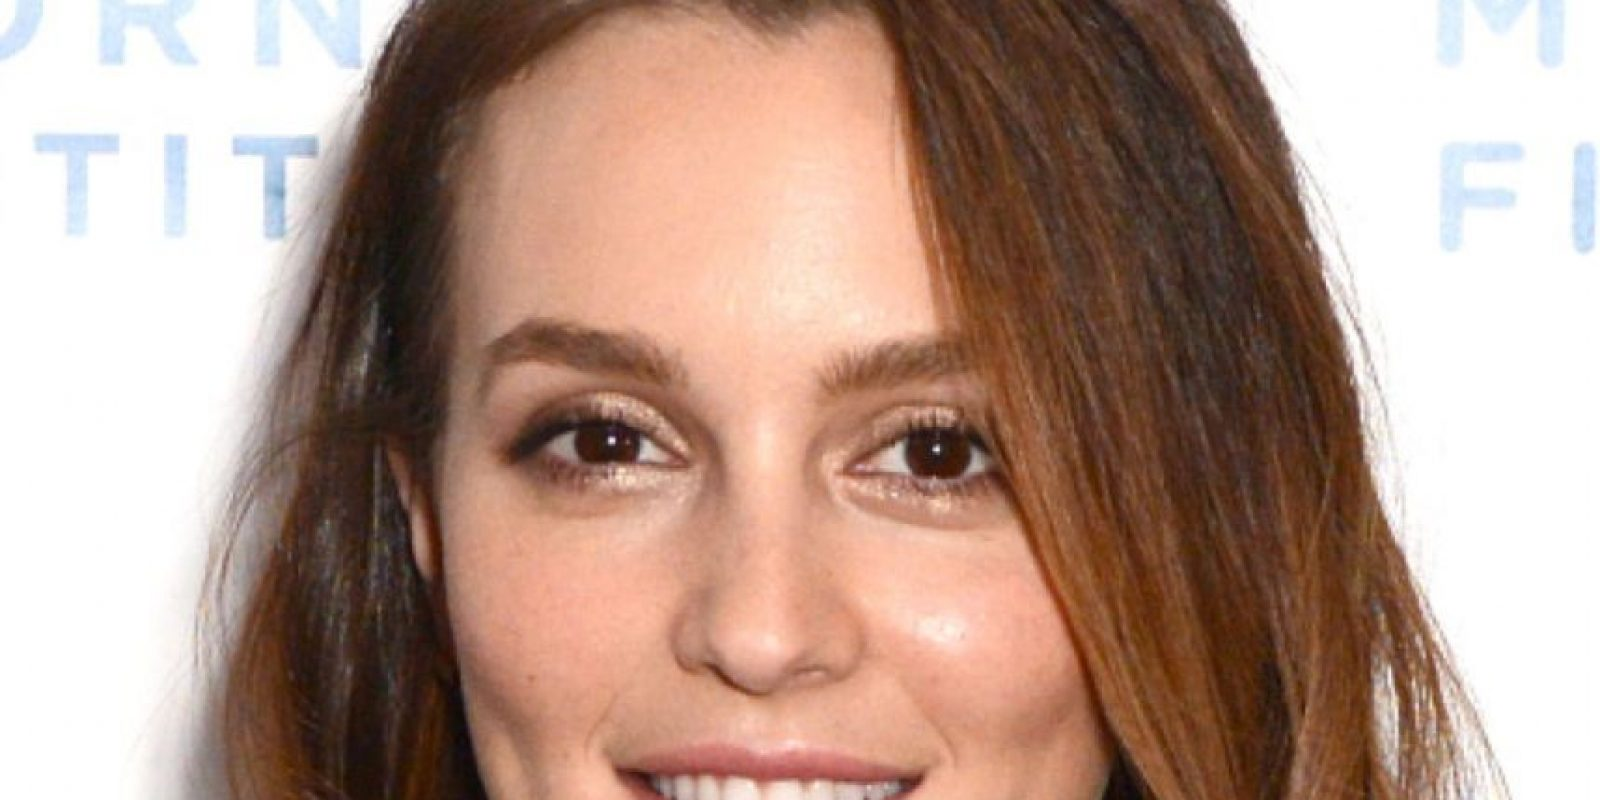 O con iluminador en los ojos. Foto:vía Getty Images